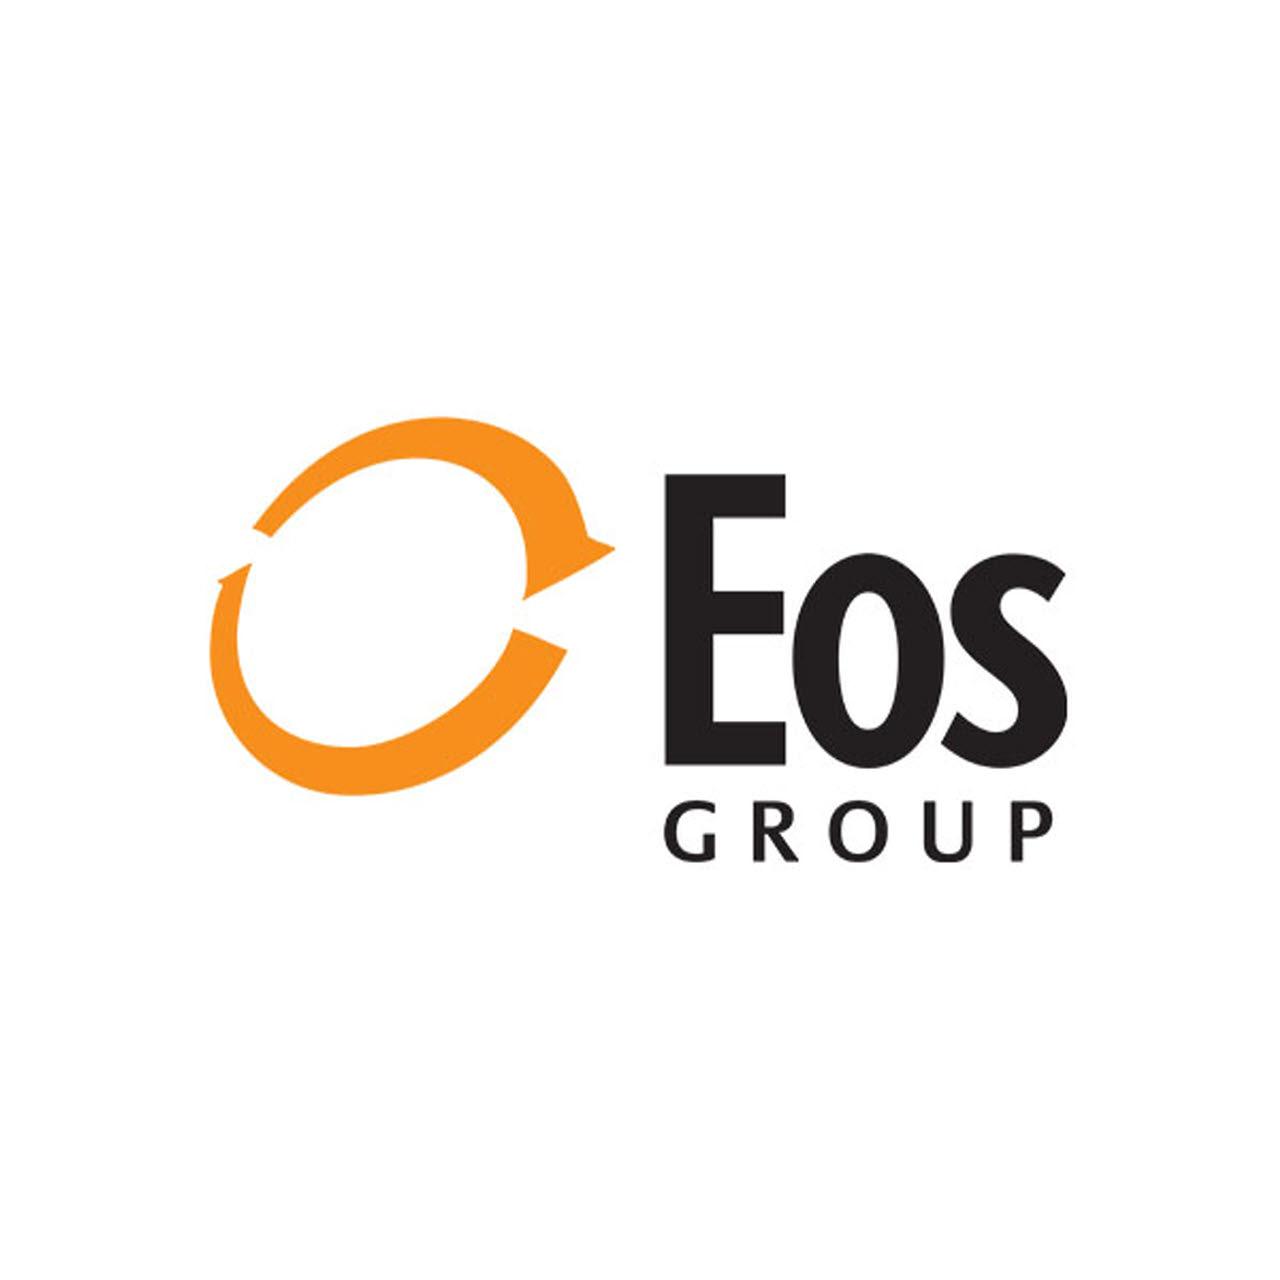 Eos Group.jpg